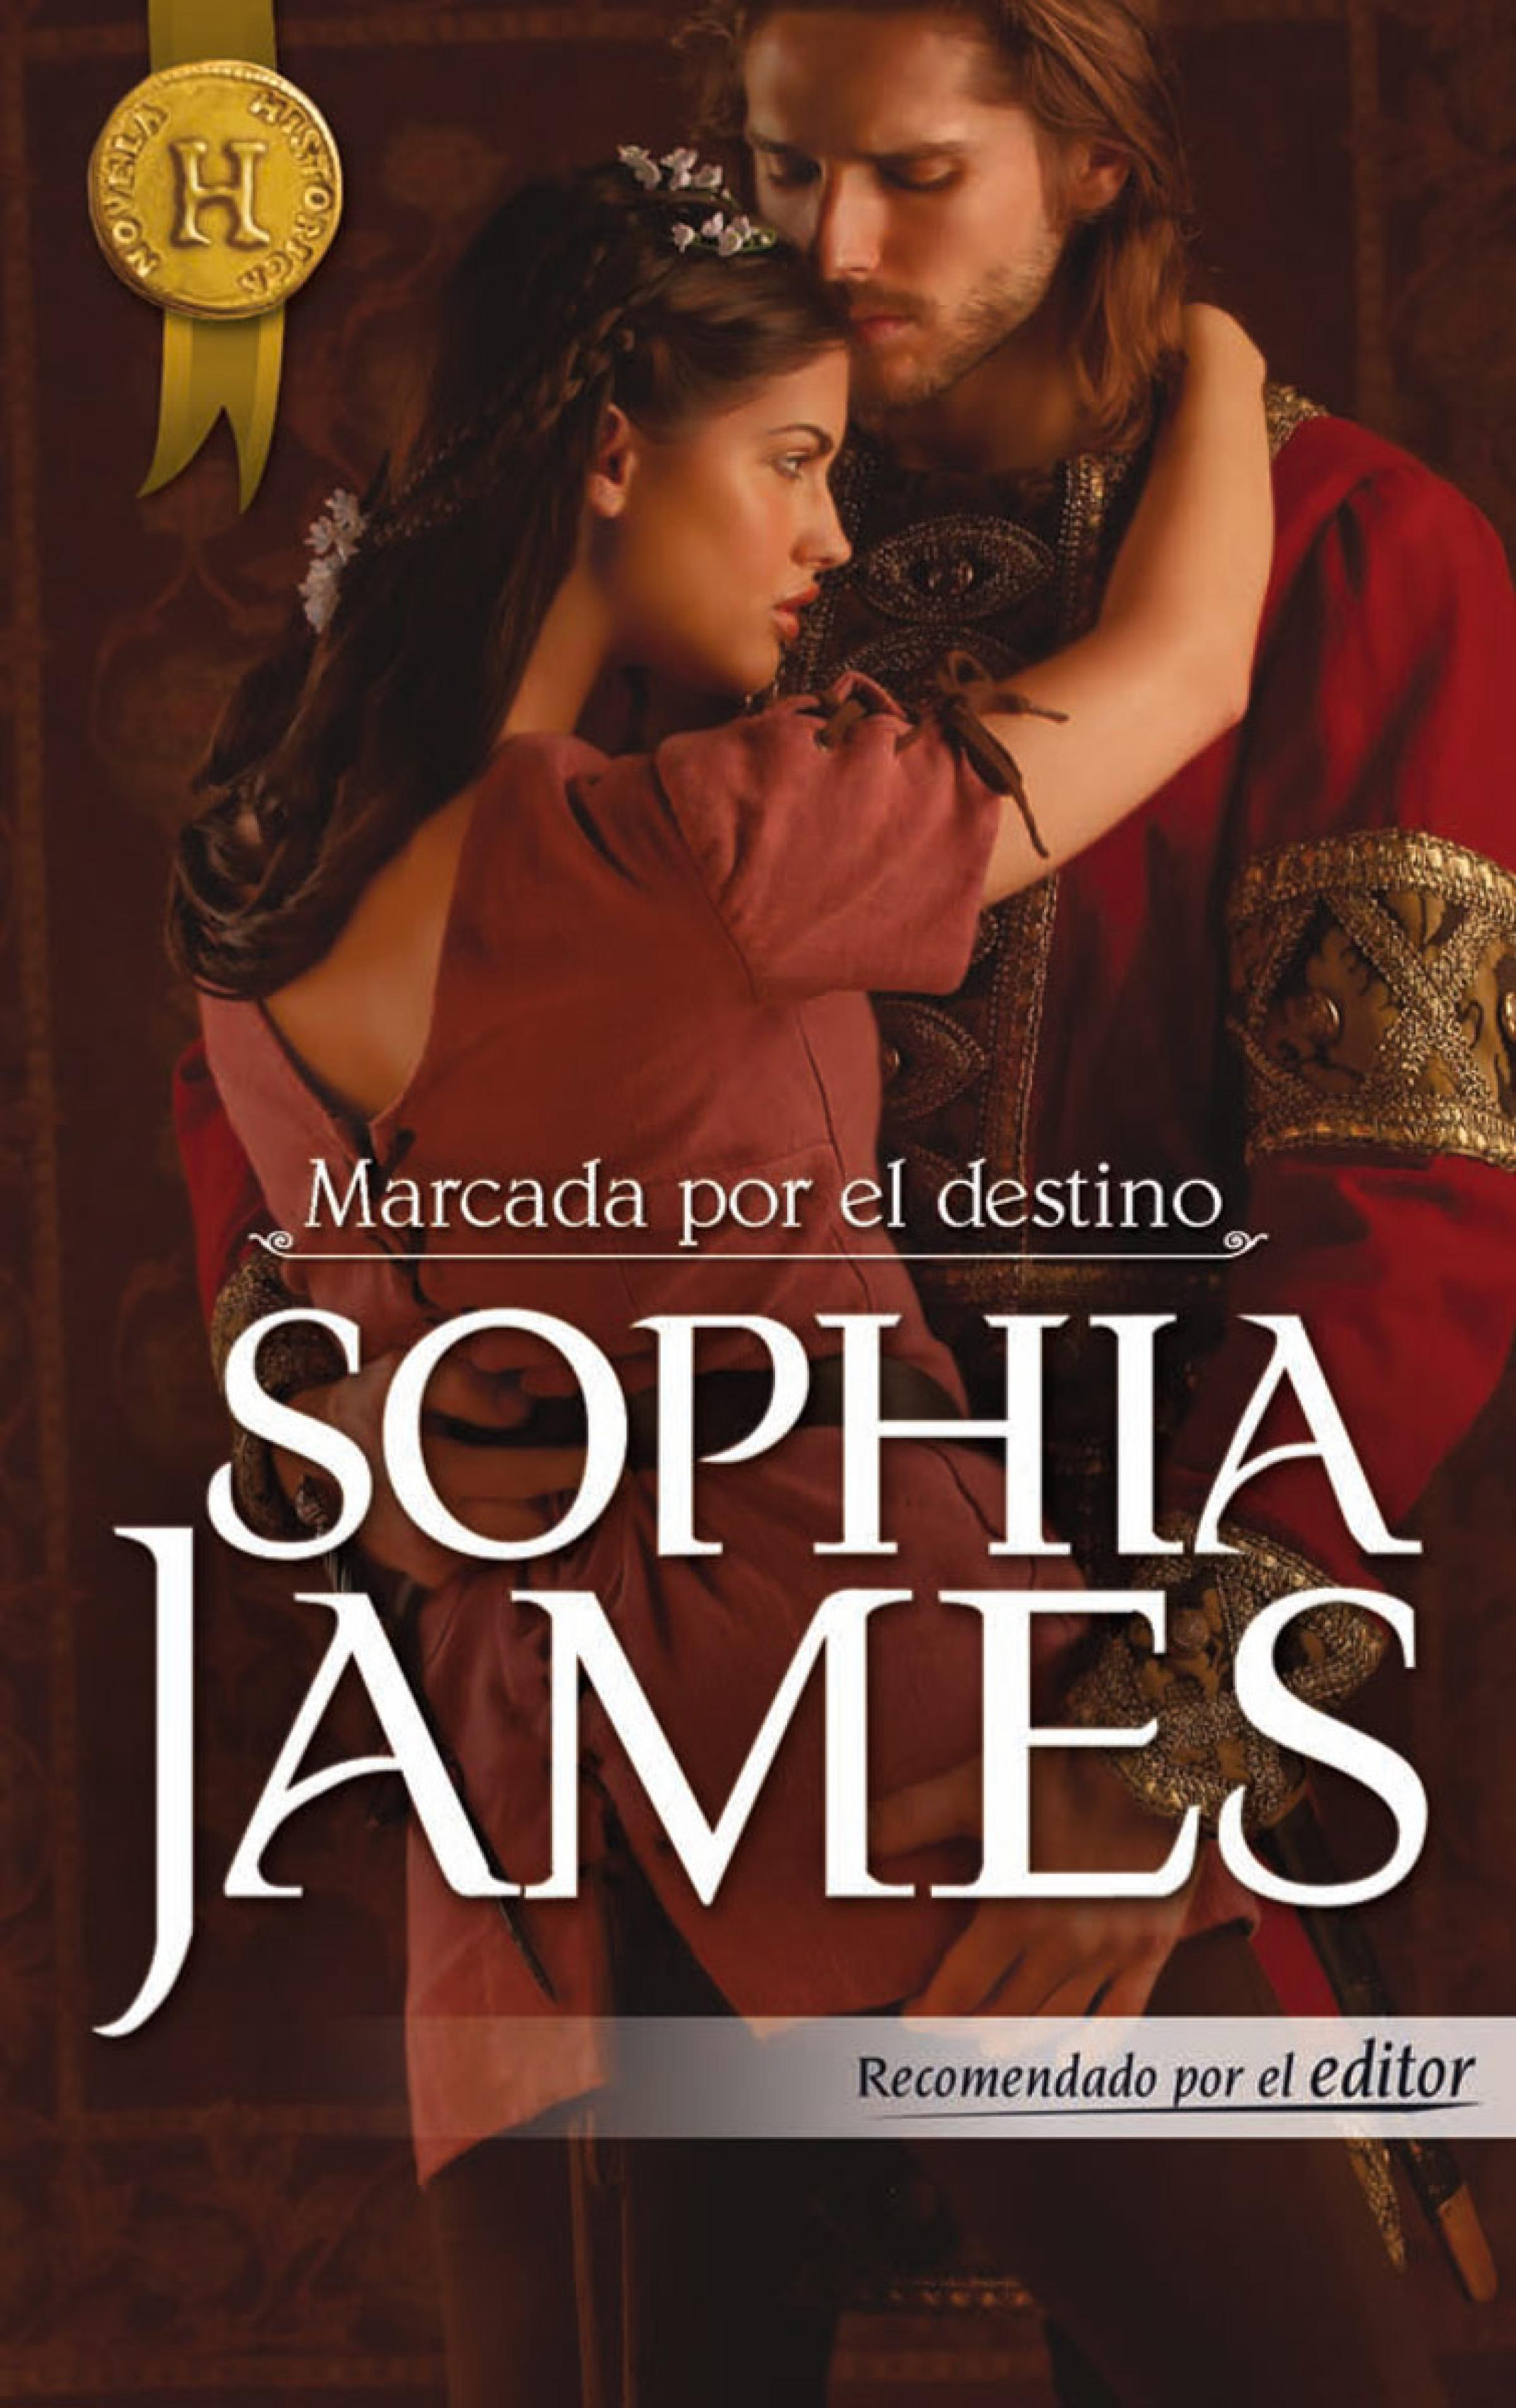 Фото - Sophia James Marcada por el destino sophia james mágico encuentro